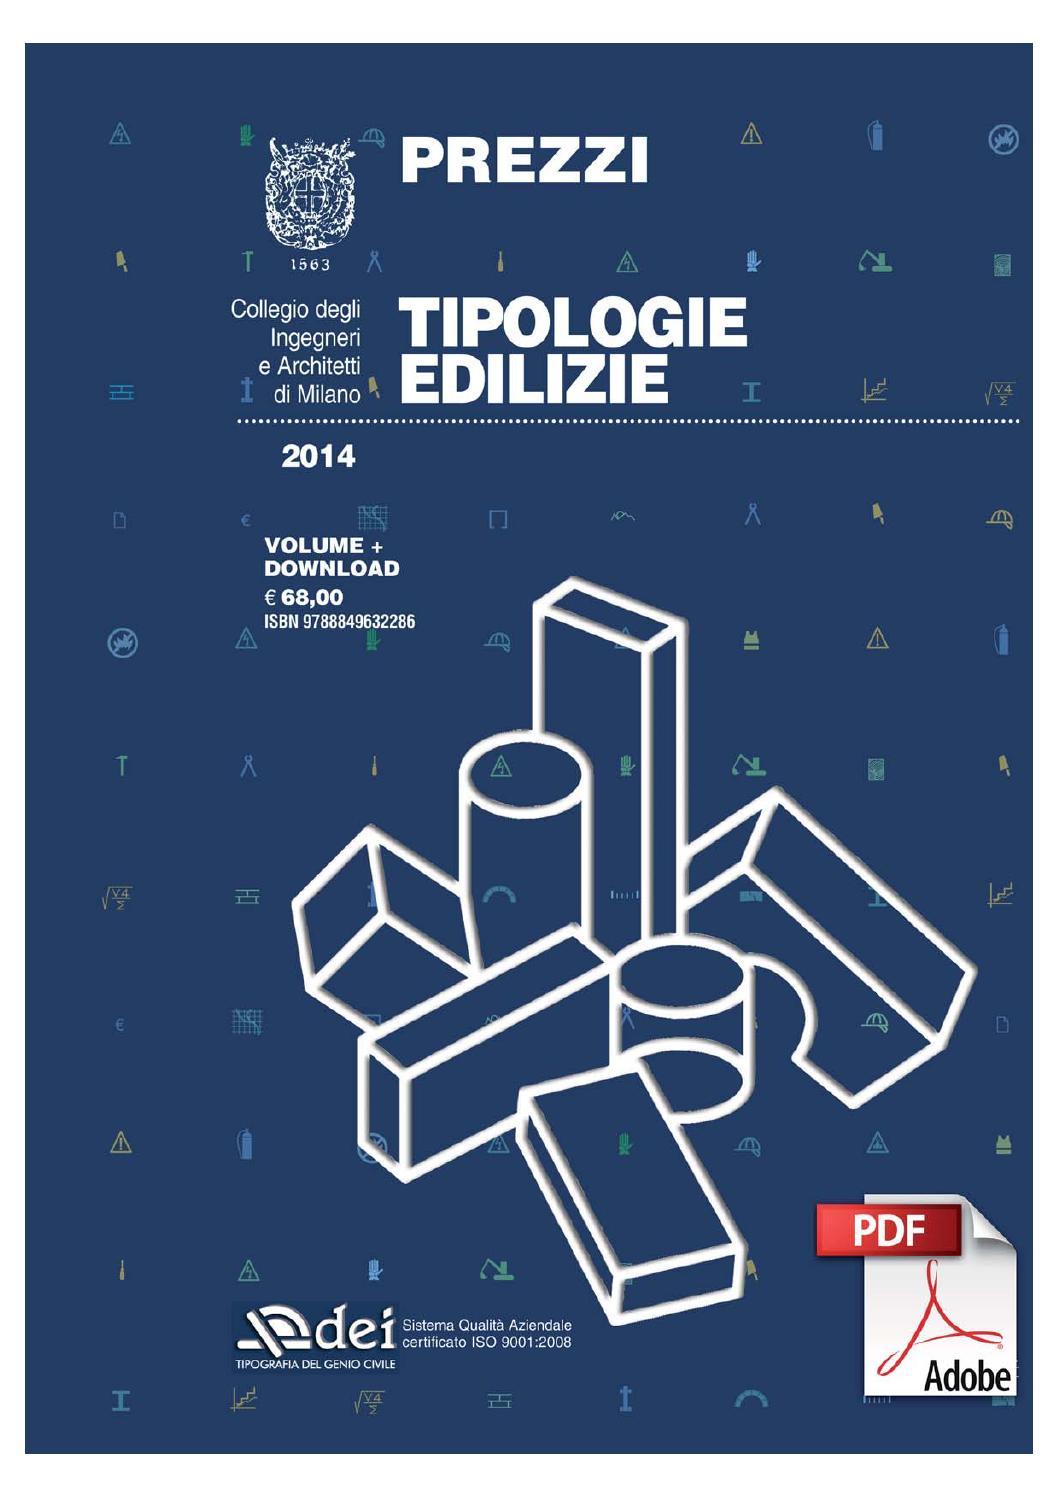 Prezzo Del Ferro Per Edilizia prezzi tipologie edilizie 2014 by dei tipografia del genio